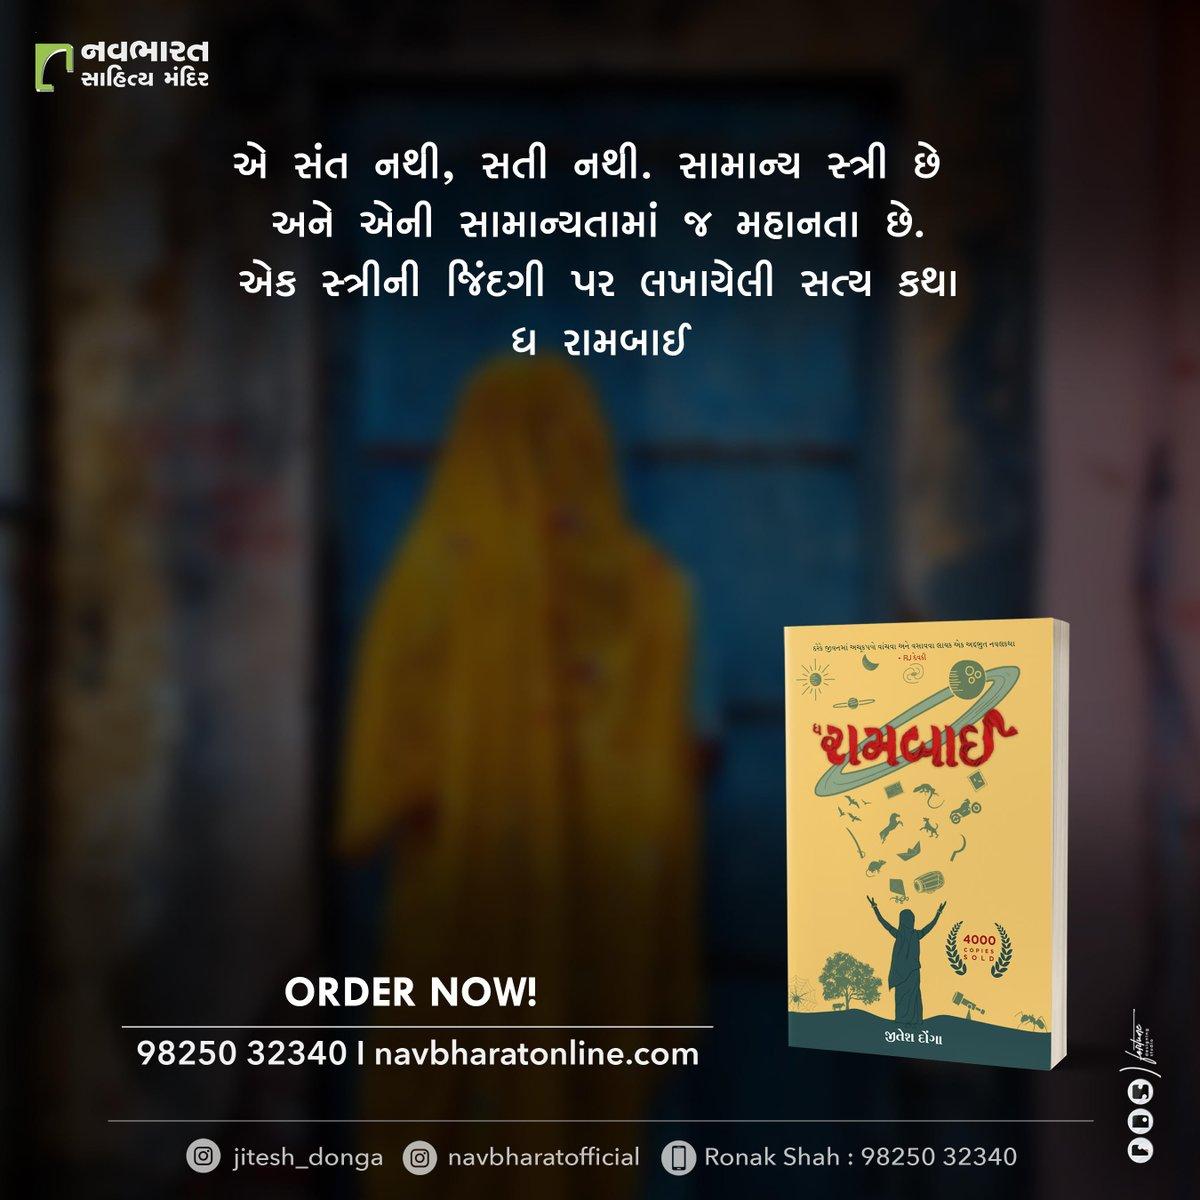 વ્હાલાં વાંચક, ગુજરાતી લોકપ્રિય નવલકથા 'ધ રામબાઈ' તમારી સમક્ષ રાખીને અમે ગર્વ અનુભવીએ છીએ. આ એવી અજોડ અને અદ્ભુત કૃતિ છે જેનાં પરિચય લખવાનાં ન હોય, પરંતુ જ્યારે આ કૃતિનું મૂલ્ય ચૂકવી રહ્યાં �